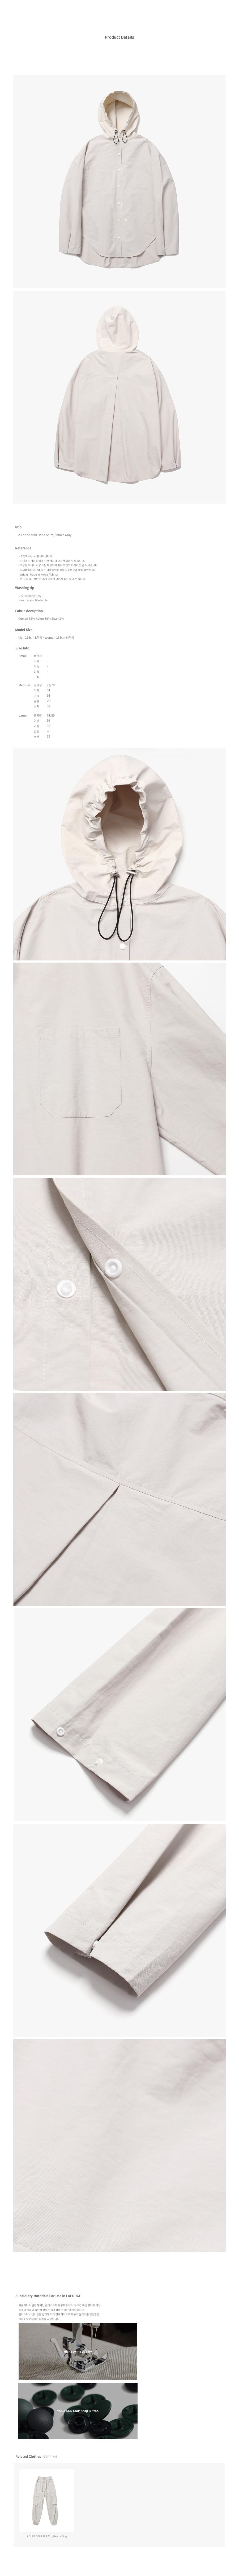 라퍼지스토어(LAFUDGESTORE) (Unisex)에이라인 아노락 후드 셔츠_Smoke Gray